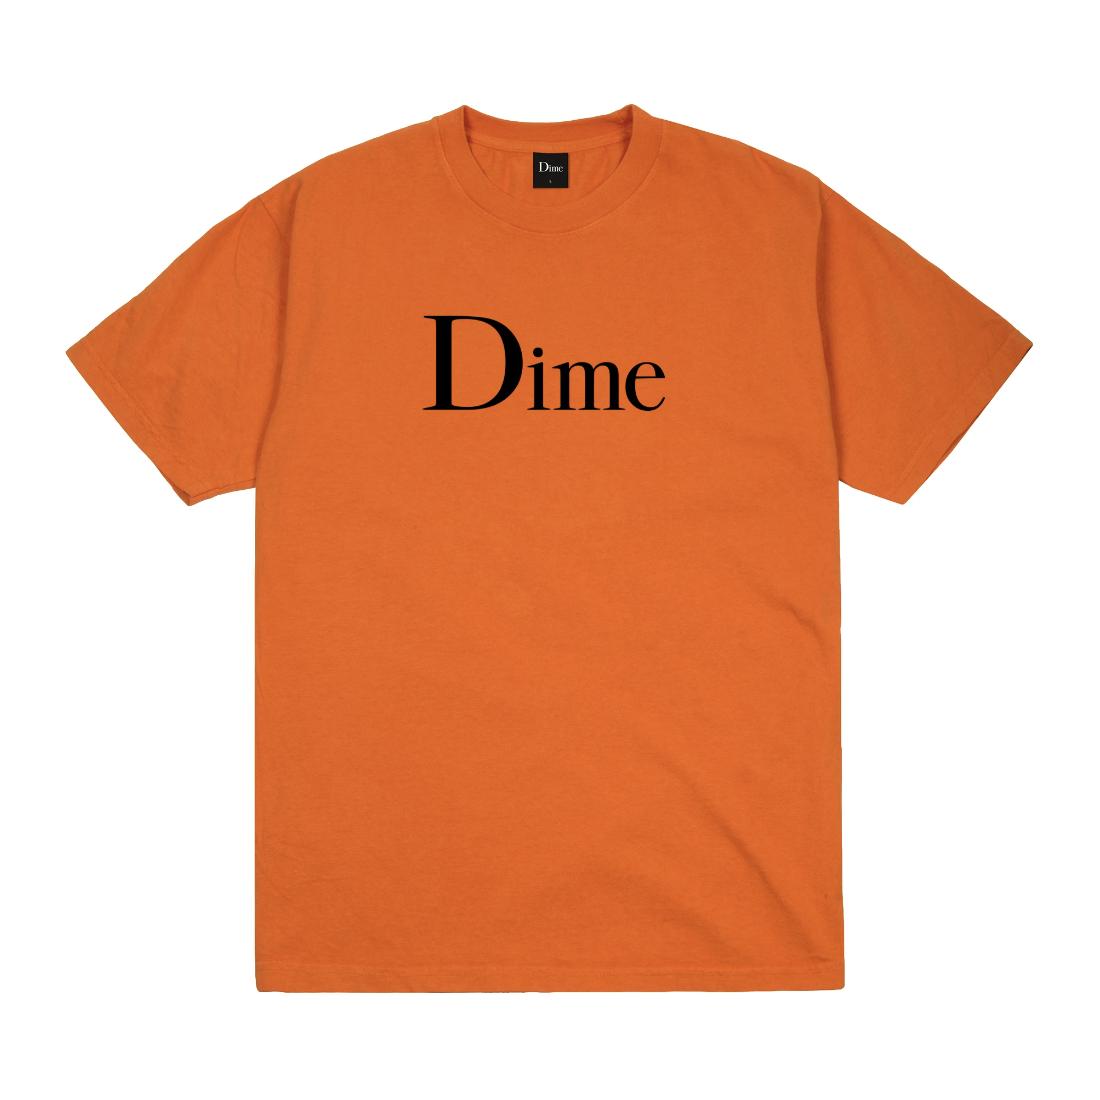 【Dime】Classic Tee - Burnt Orange